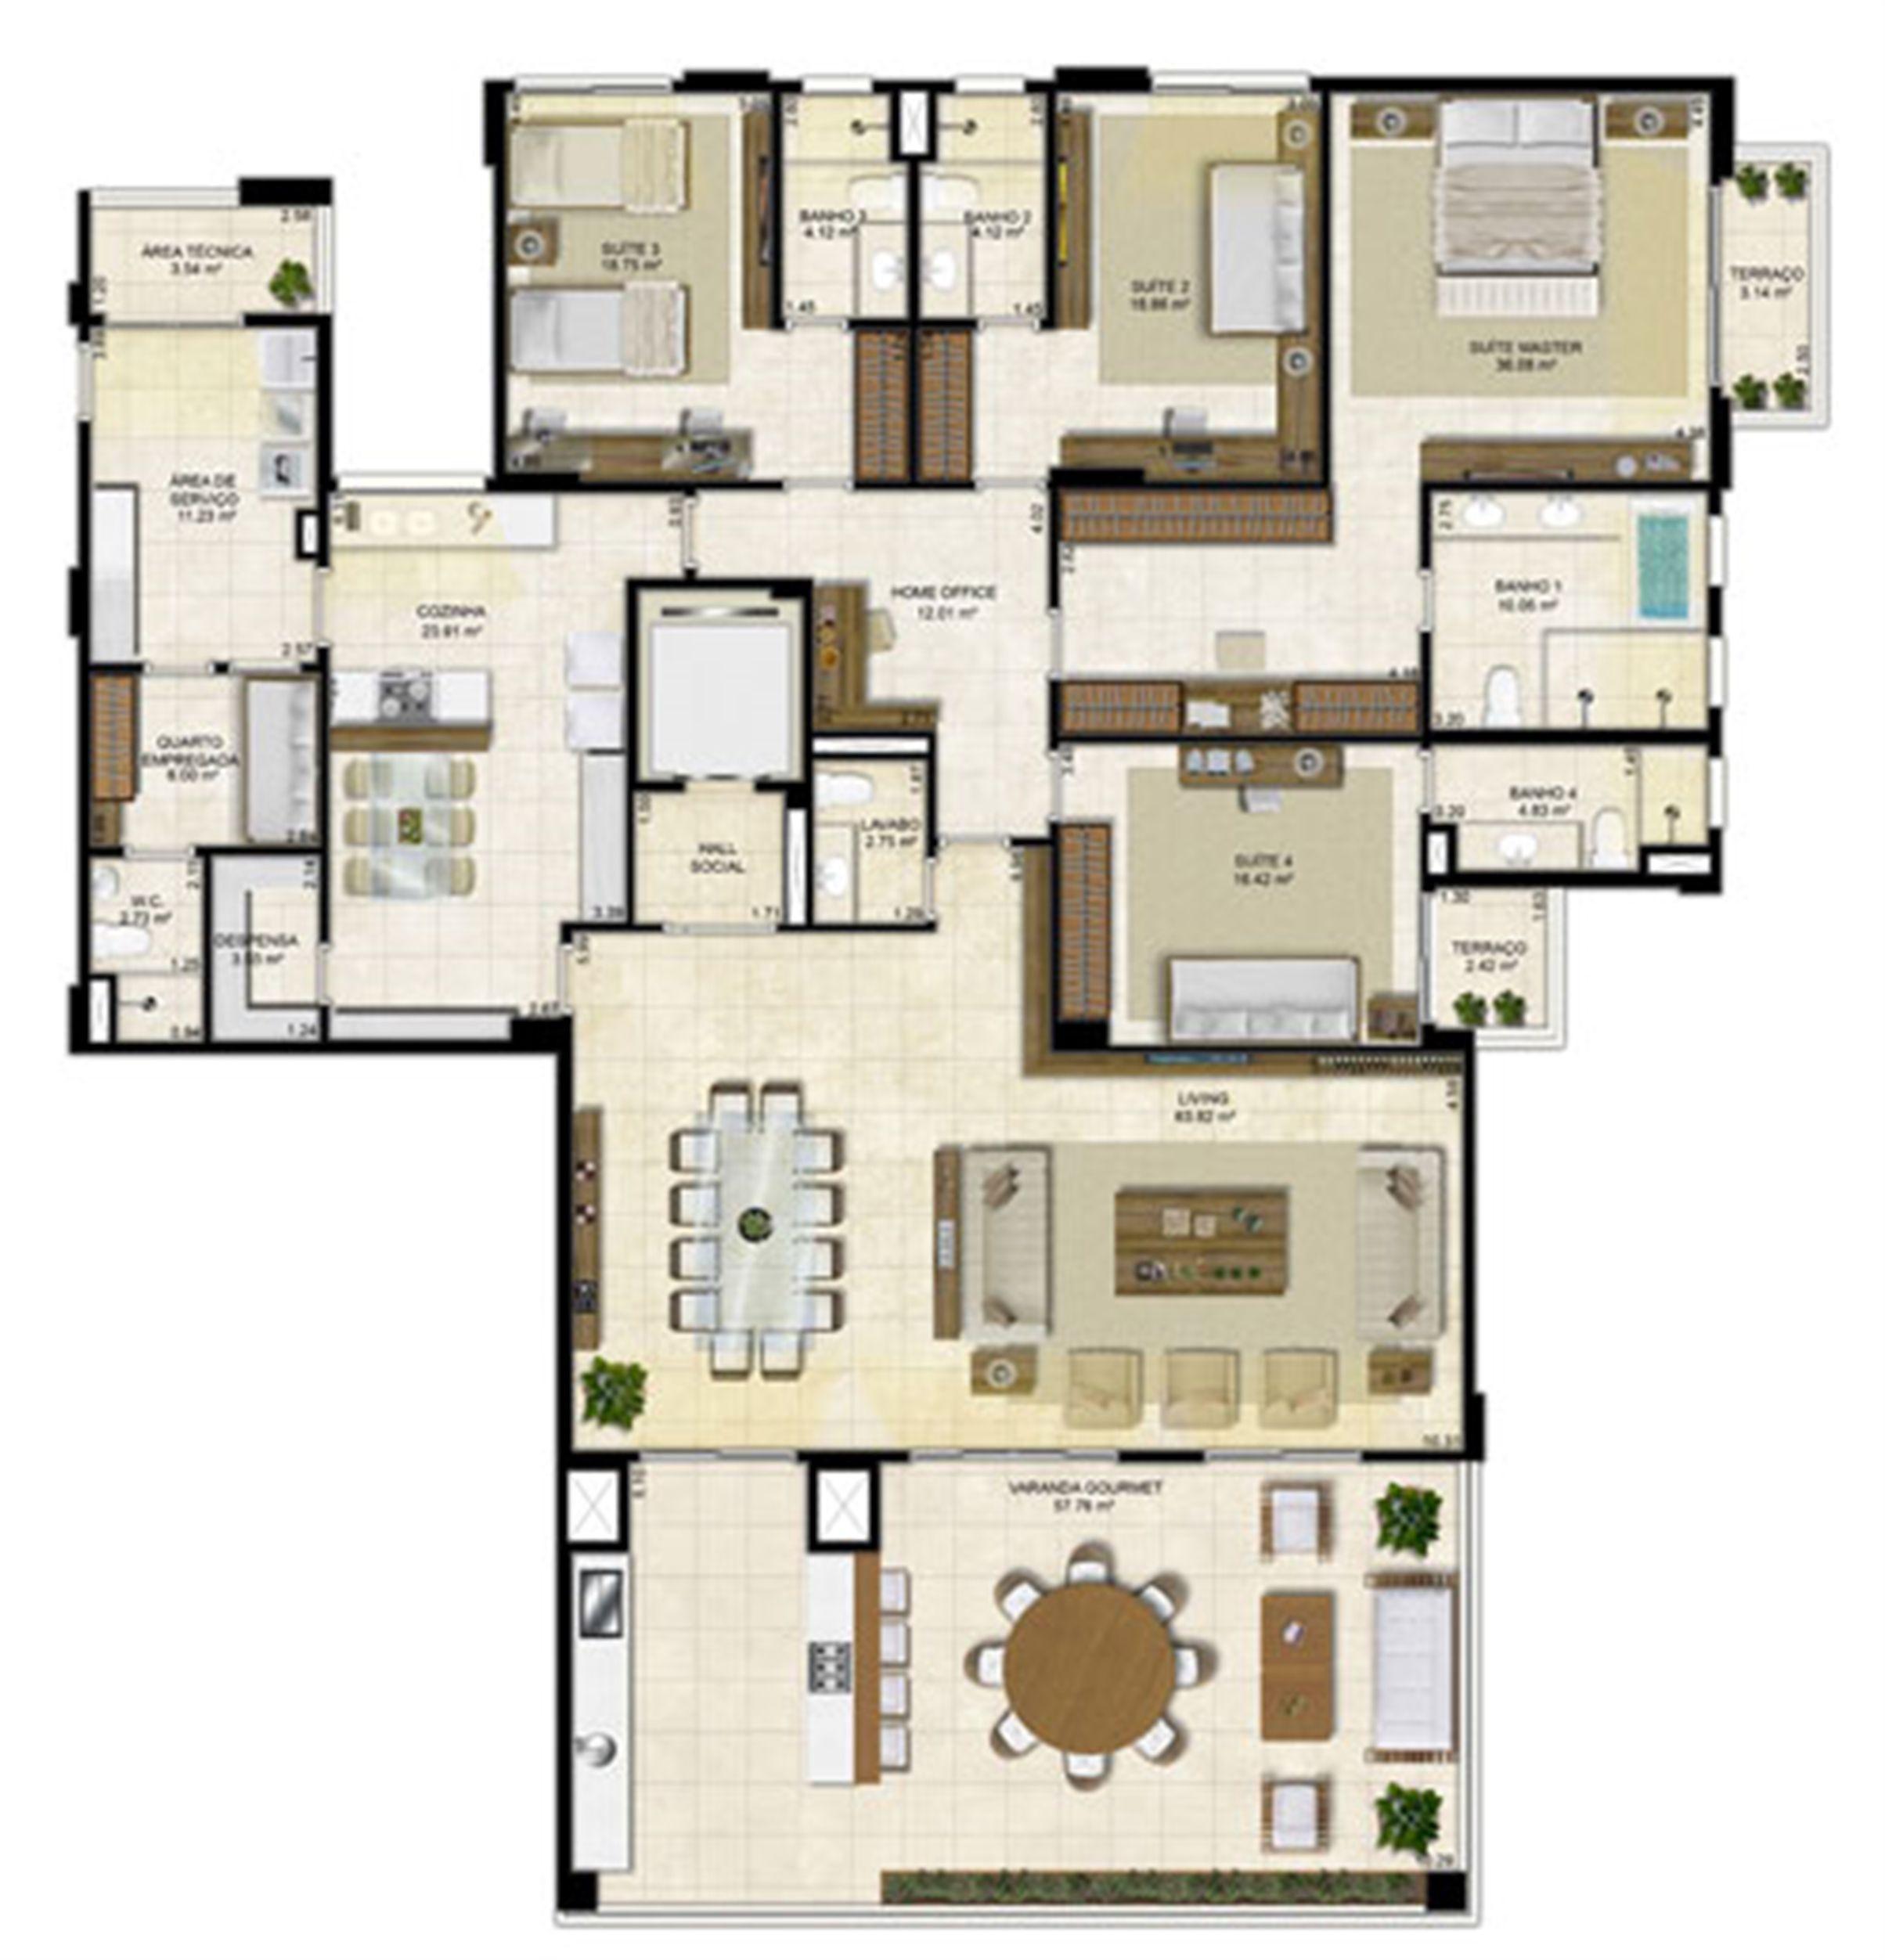 Planta Tipo 305 m² - Pavimento par | Île Saint Louis  – Apartamento na  Ponta D'areia - São Luís - Maranhão